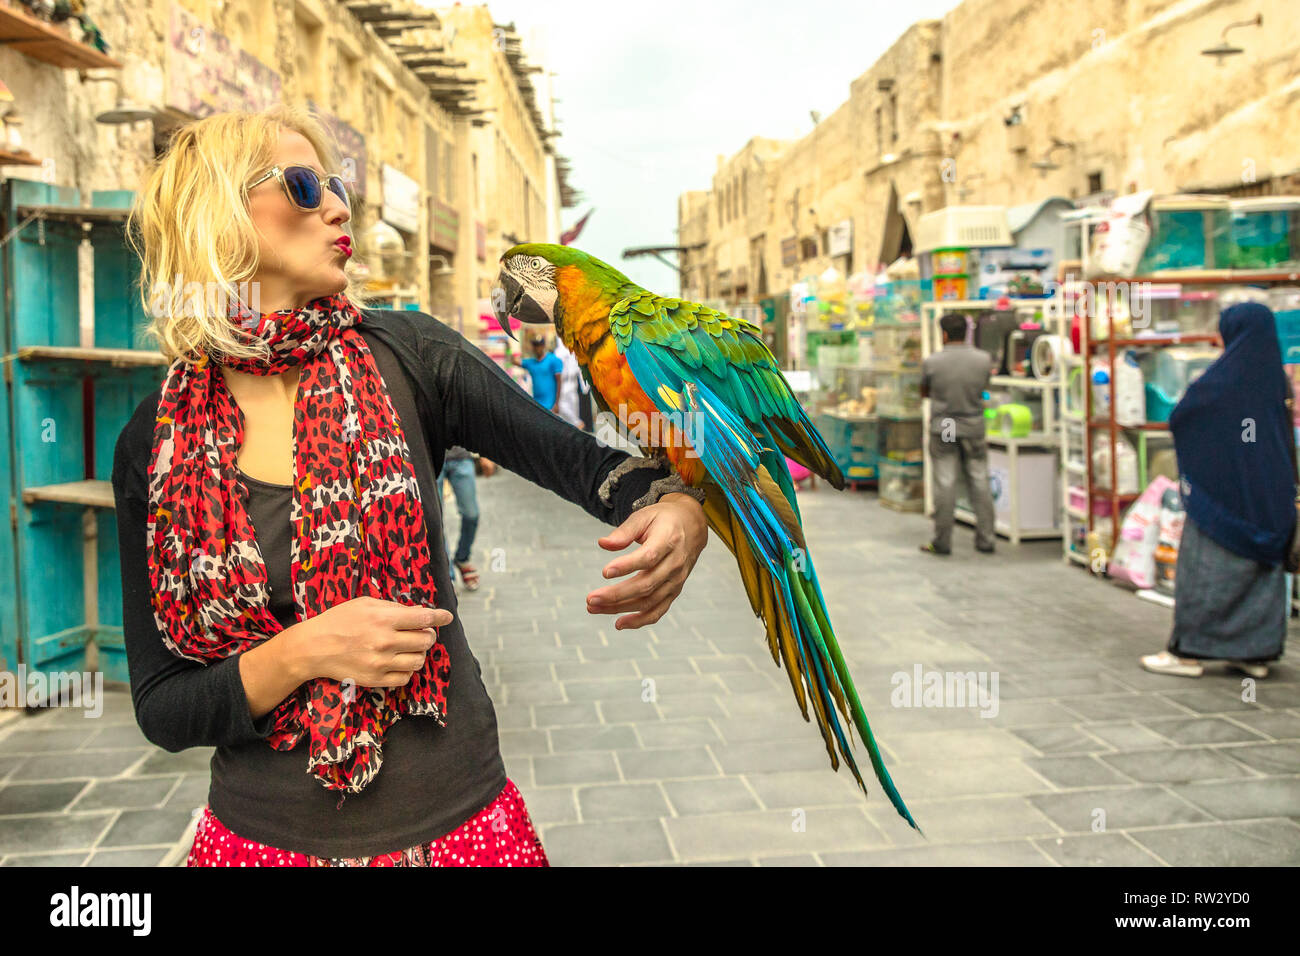 Glückliche Frau Küsse ein Papagei an Vogel Souq in Souq Waqif, den alten Markt und Touristenattraktion in Al Souq, Doha City Centre, Katar Stockfoto